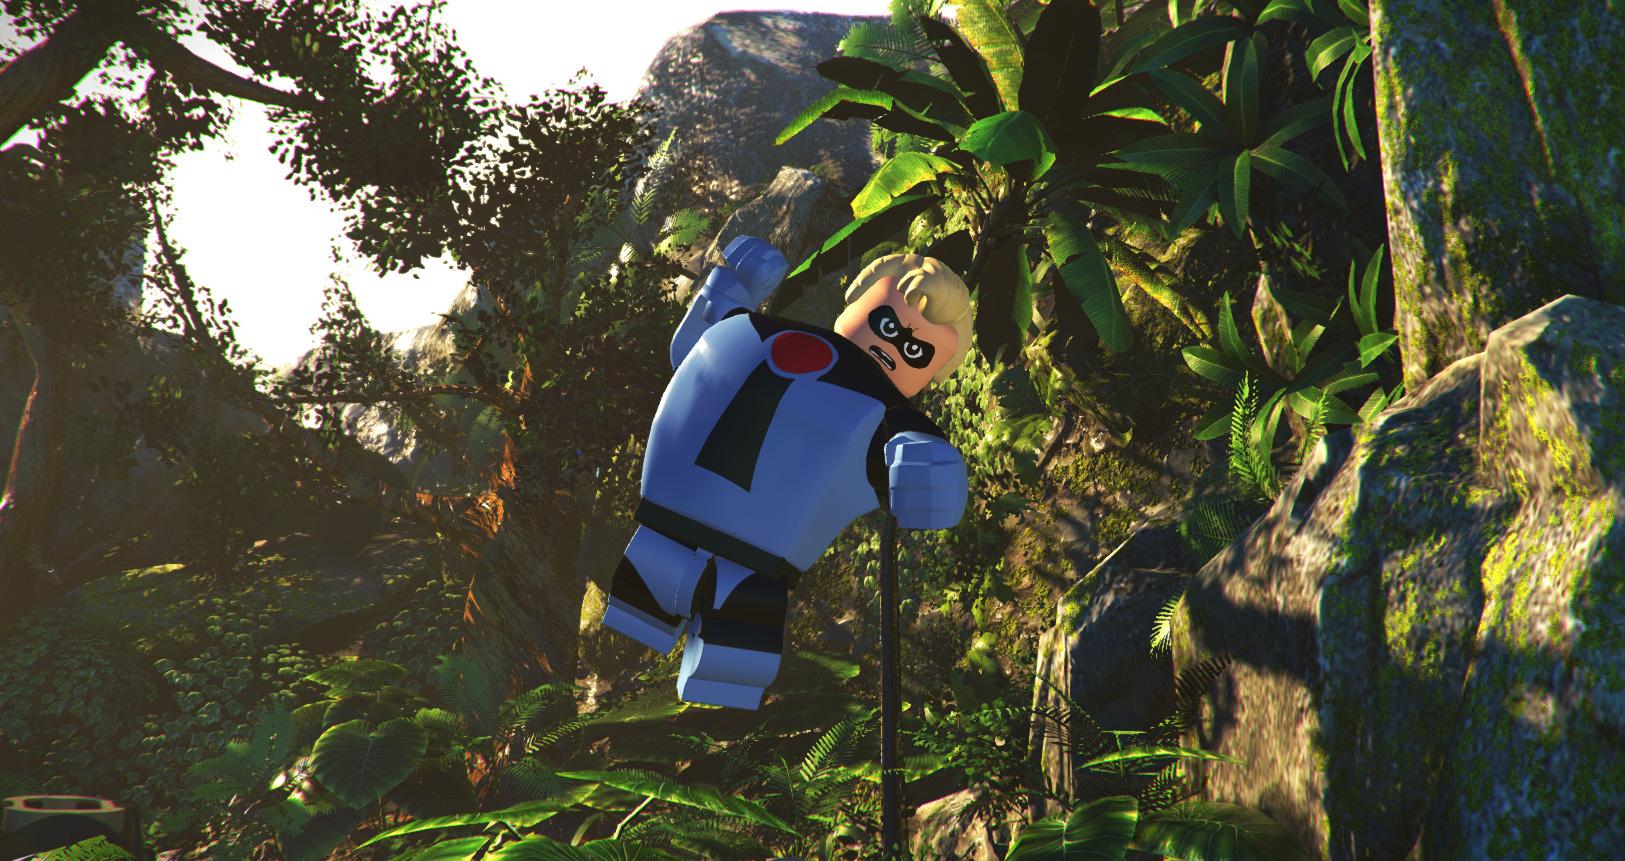 http://www.idgtv.es/archivos/201806/lego-los-increibles-disney-pixar-img3.jpg